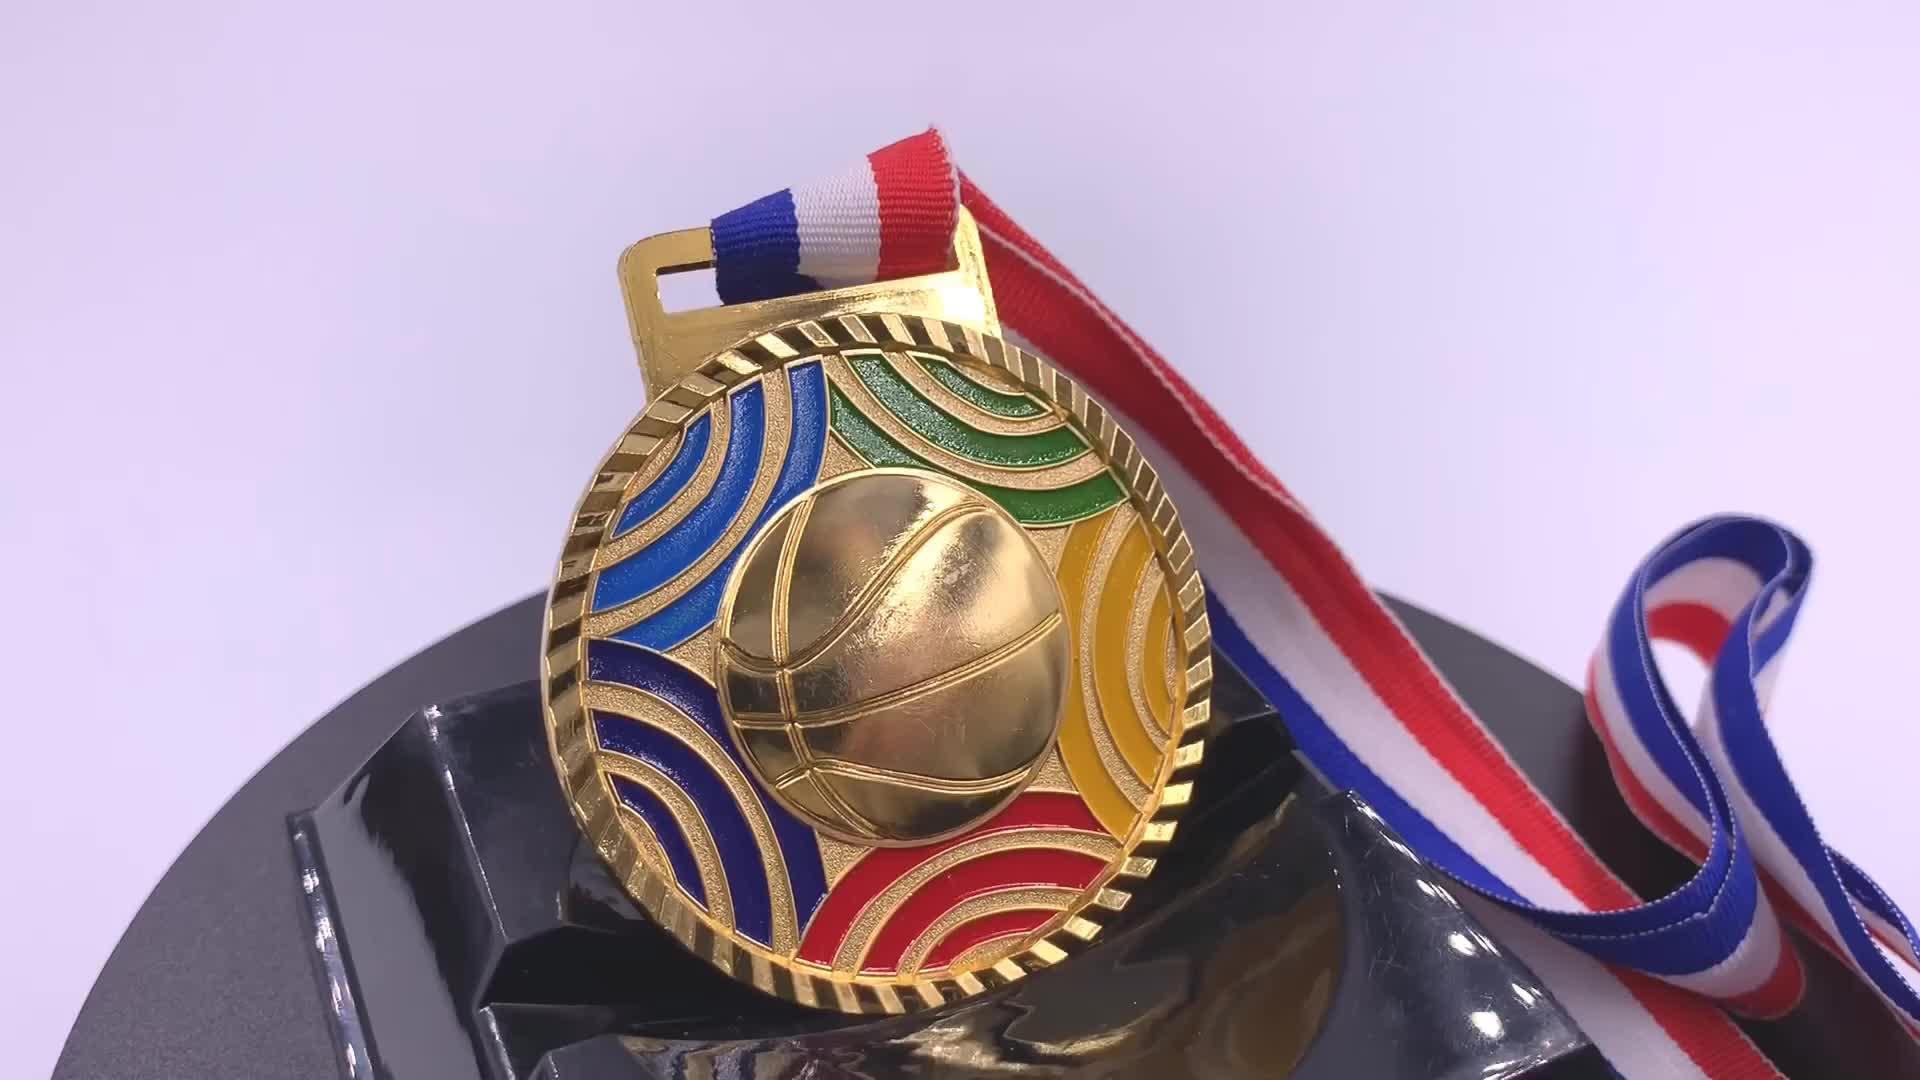 Commercio all'ingrosso in lega di zinco personalizzato per bambini di calcio di pallacanestro oro militare medaglia nastro